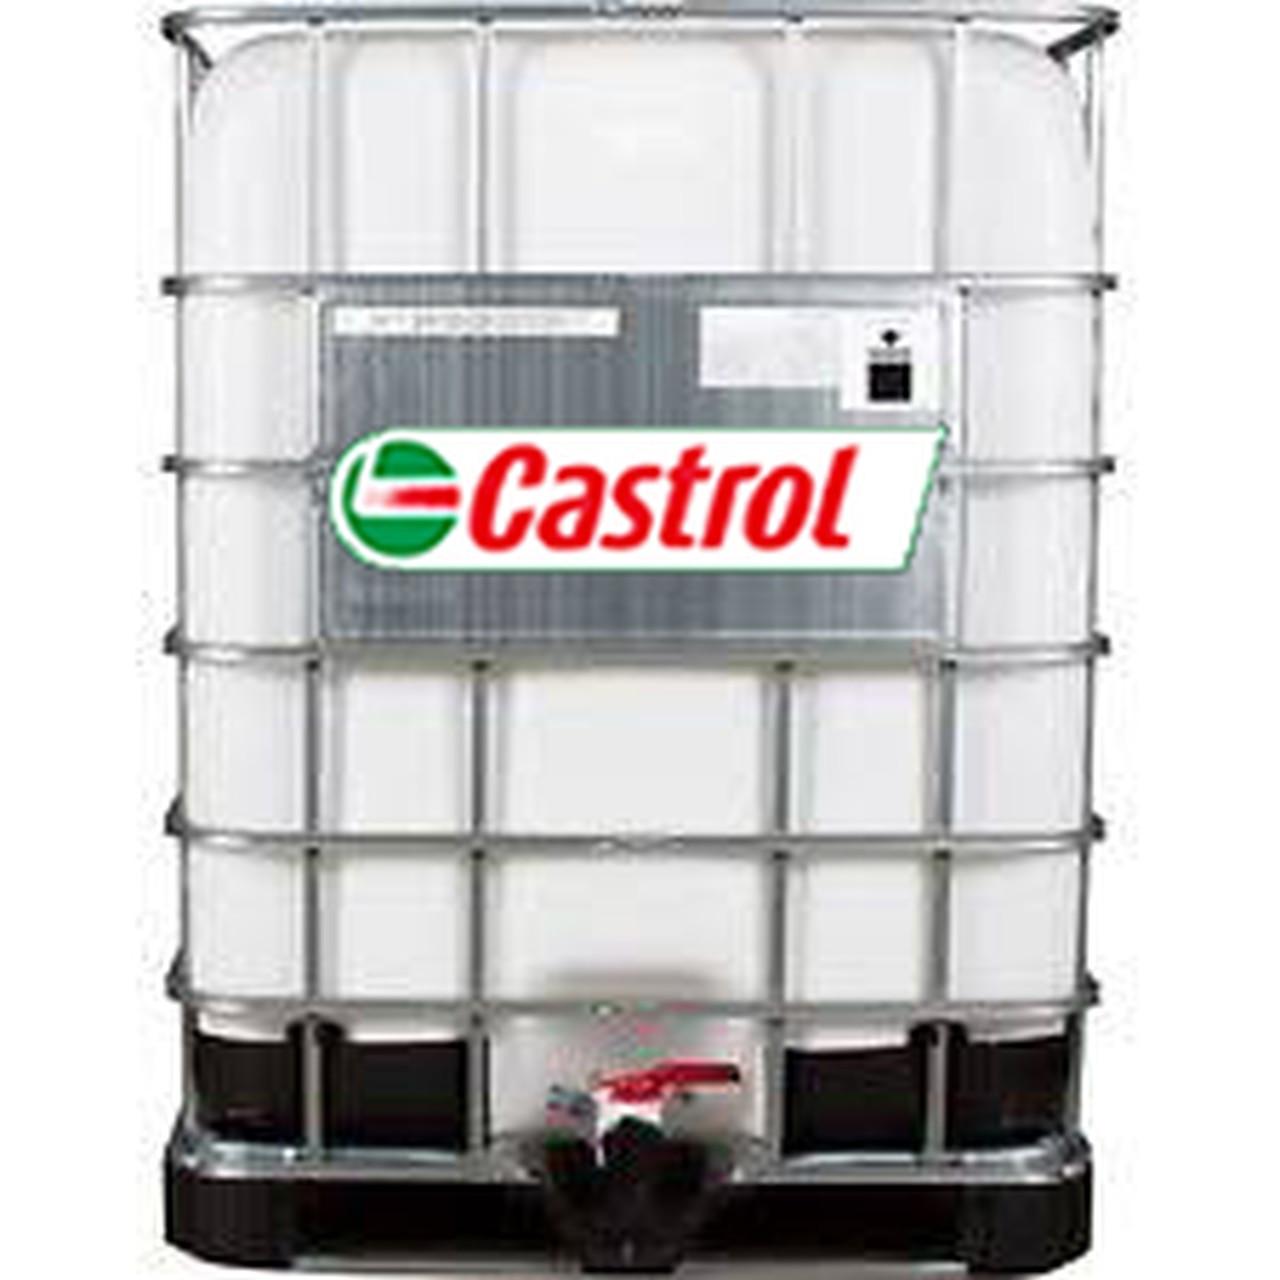 Castrol Rustilo™ 4135 HF Dewatering Corrosion Preventive - 320 Gallon Tote